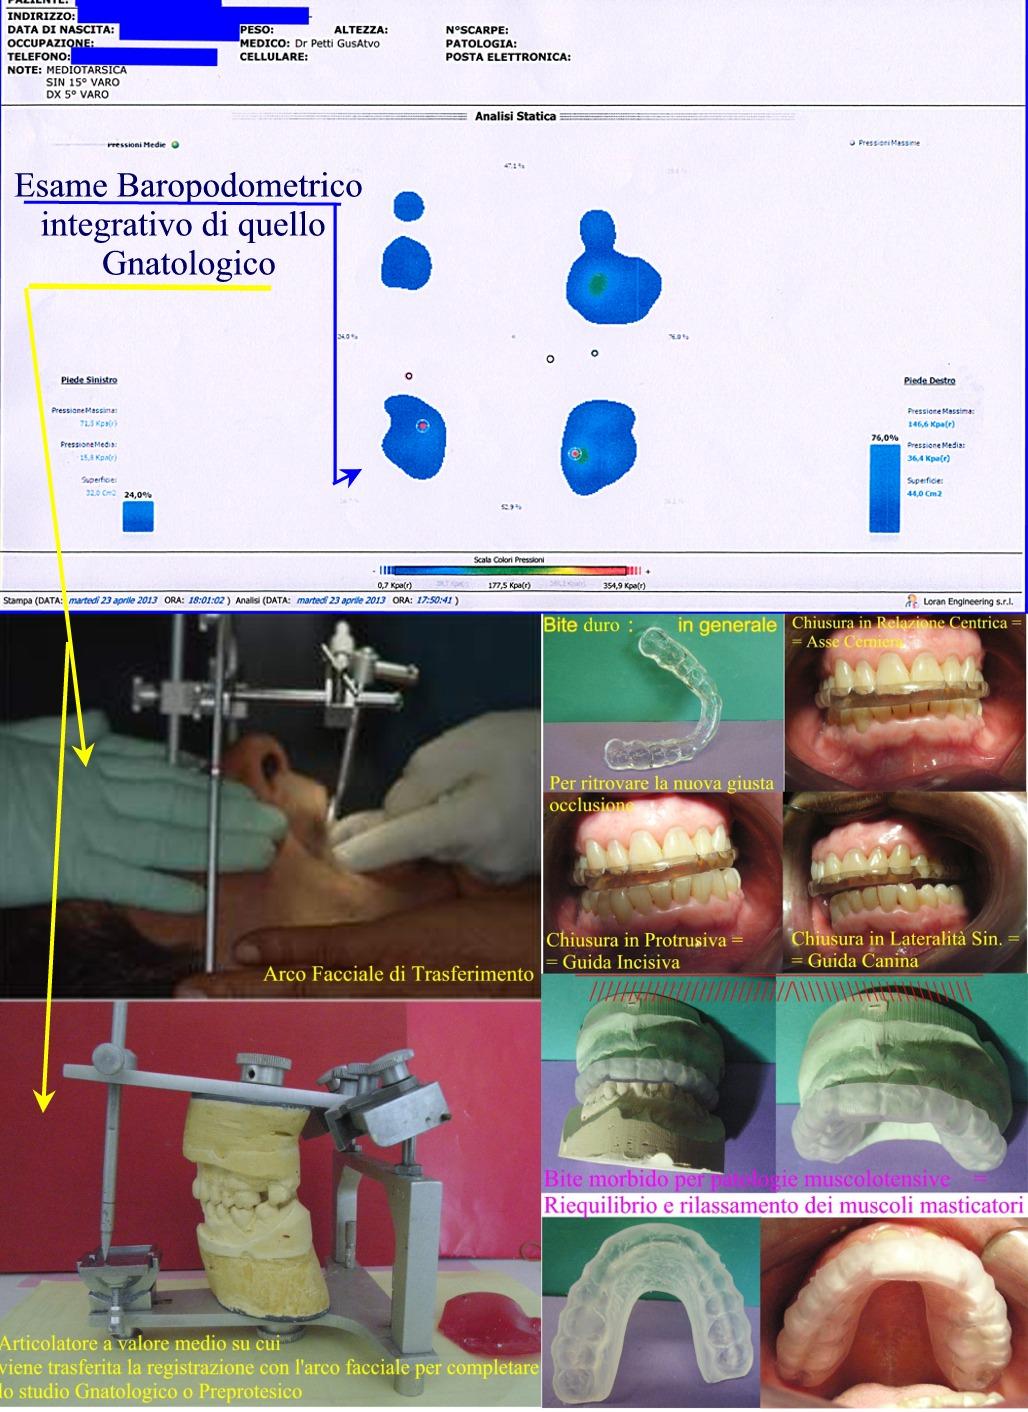 Arco Facciale. Esame Baropodometrico e vari tipi di Bite come esempio di piccola parte di un Ceck up Gnatologico. Da casistica del Dottor Gustavo Petti Parodontologo Gnatologo di Cagliari